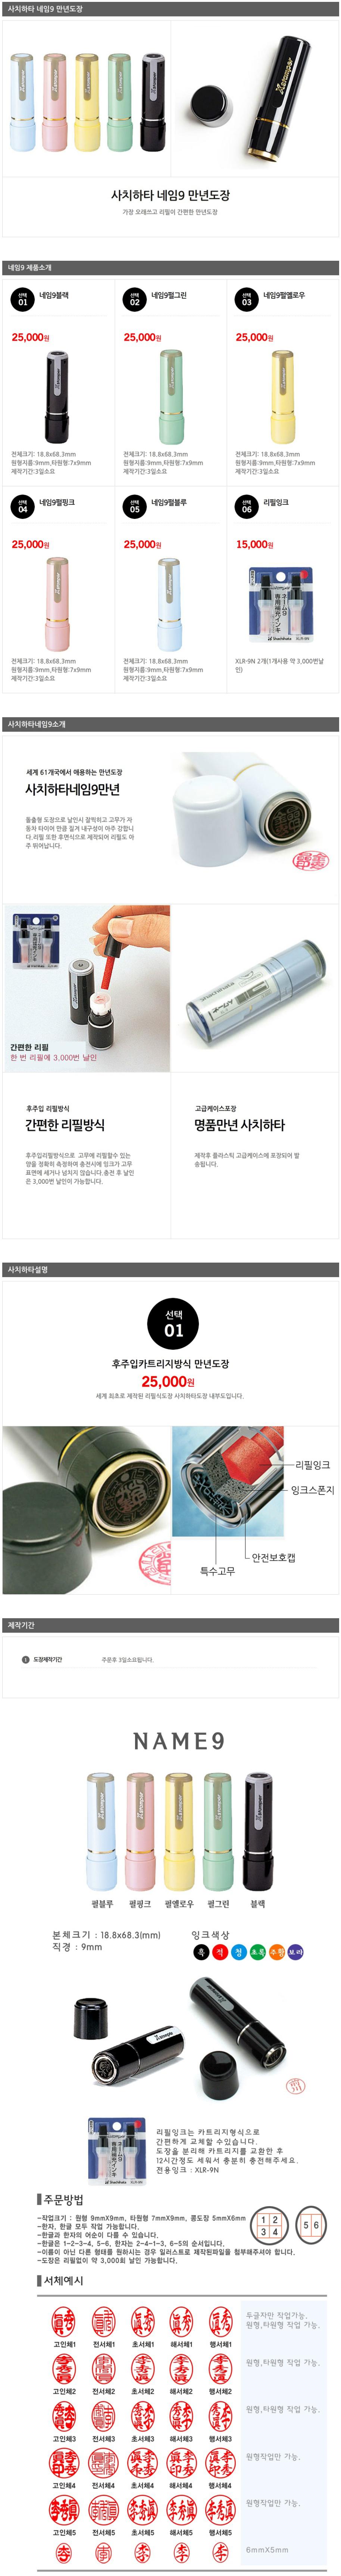 사치하타네임9(5종) - 이름새김도장, 25,000원, 스탬프, 주문제작스탬프